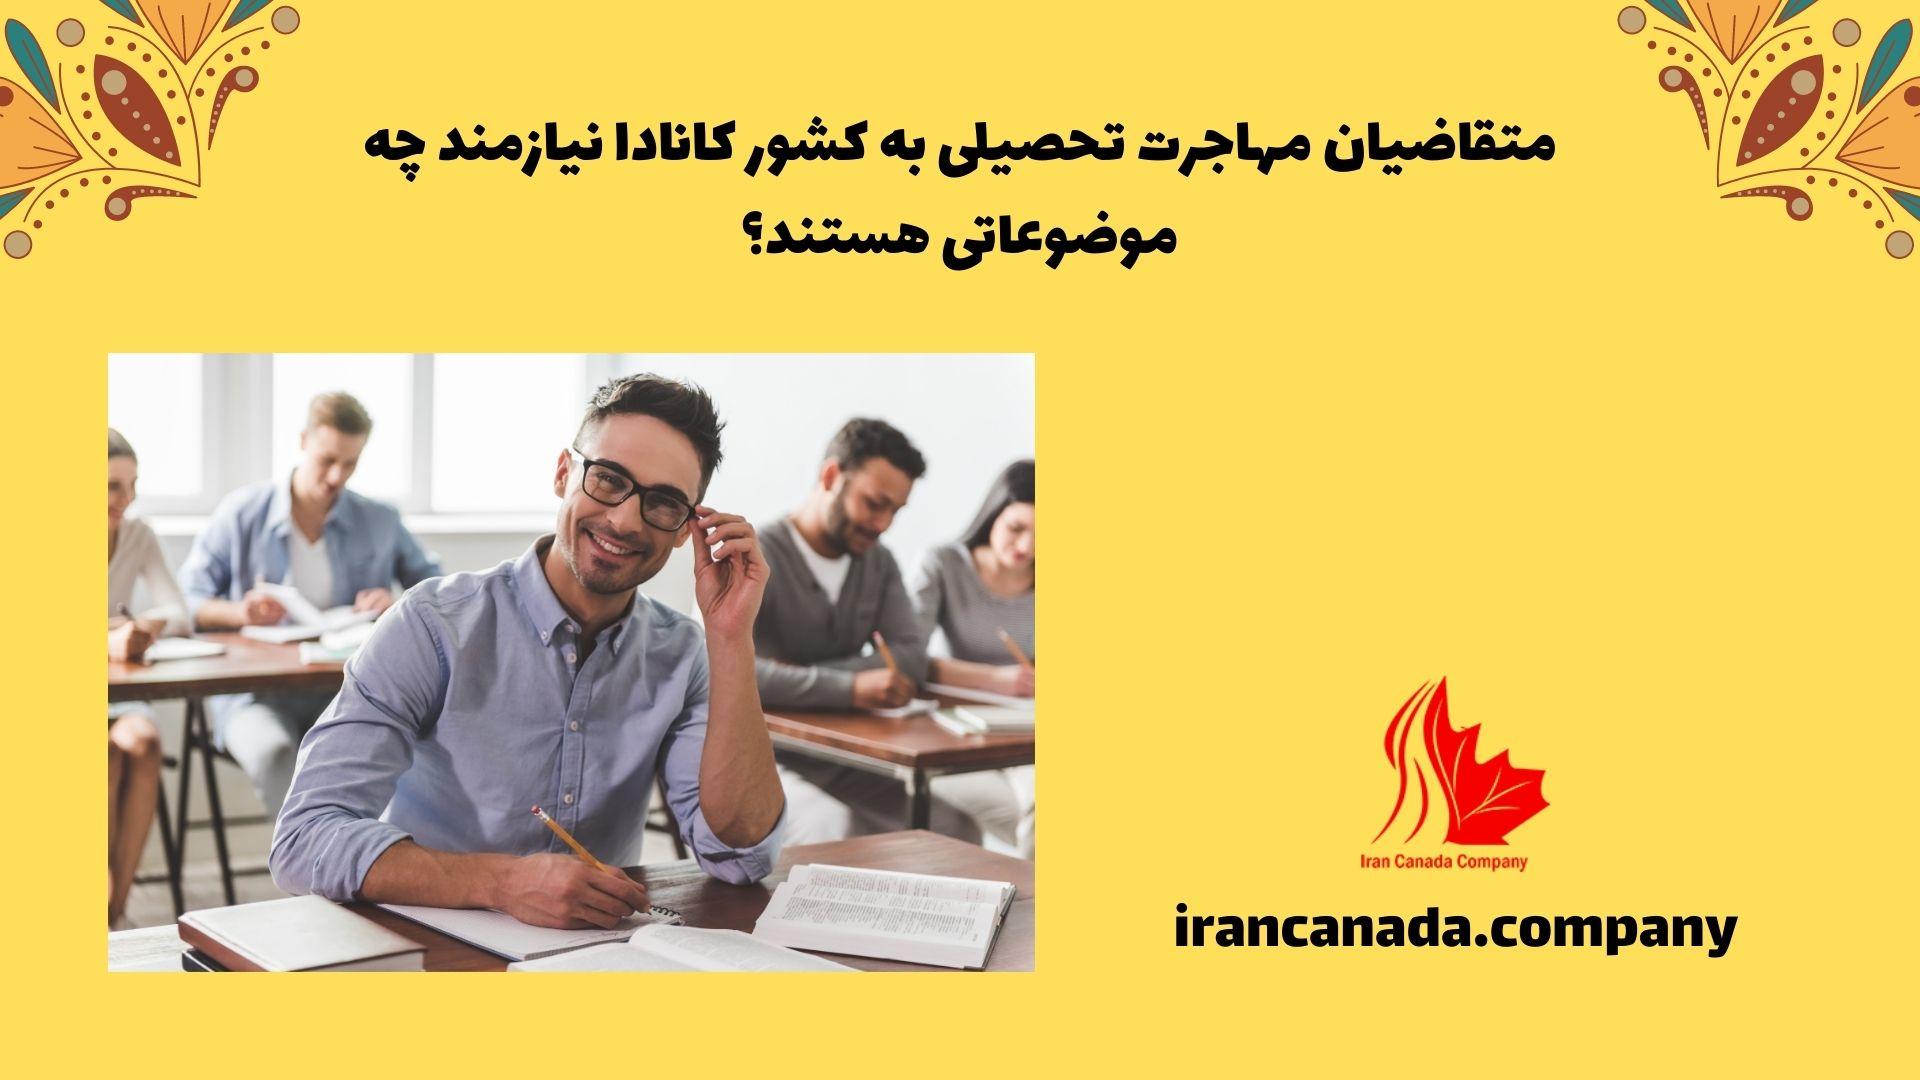 متقاضیان مهاجرت تحصیلی به کشور کانادا نیازمند چه موضوعاتی هستند؟